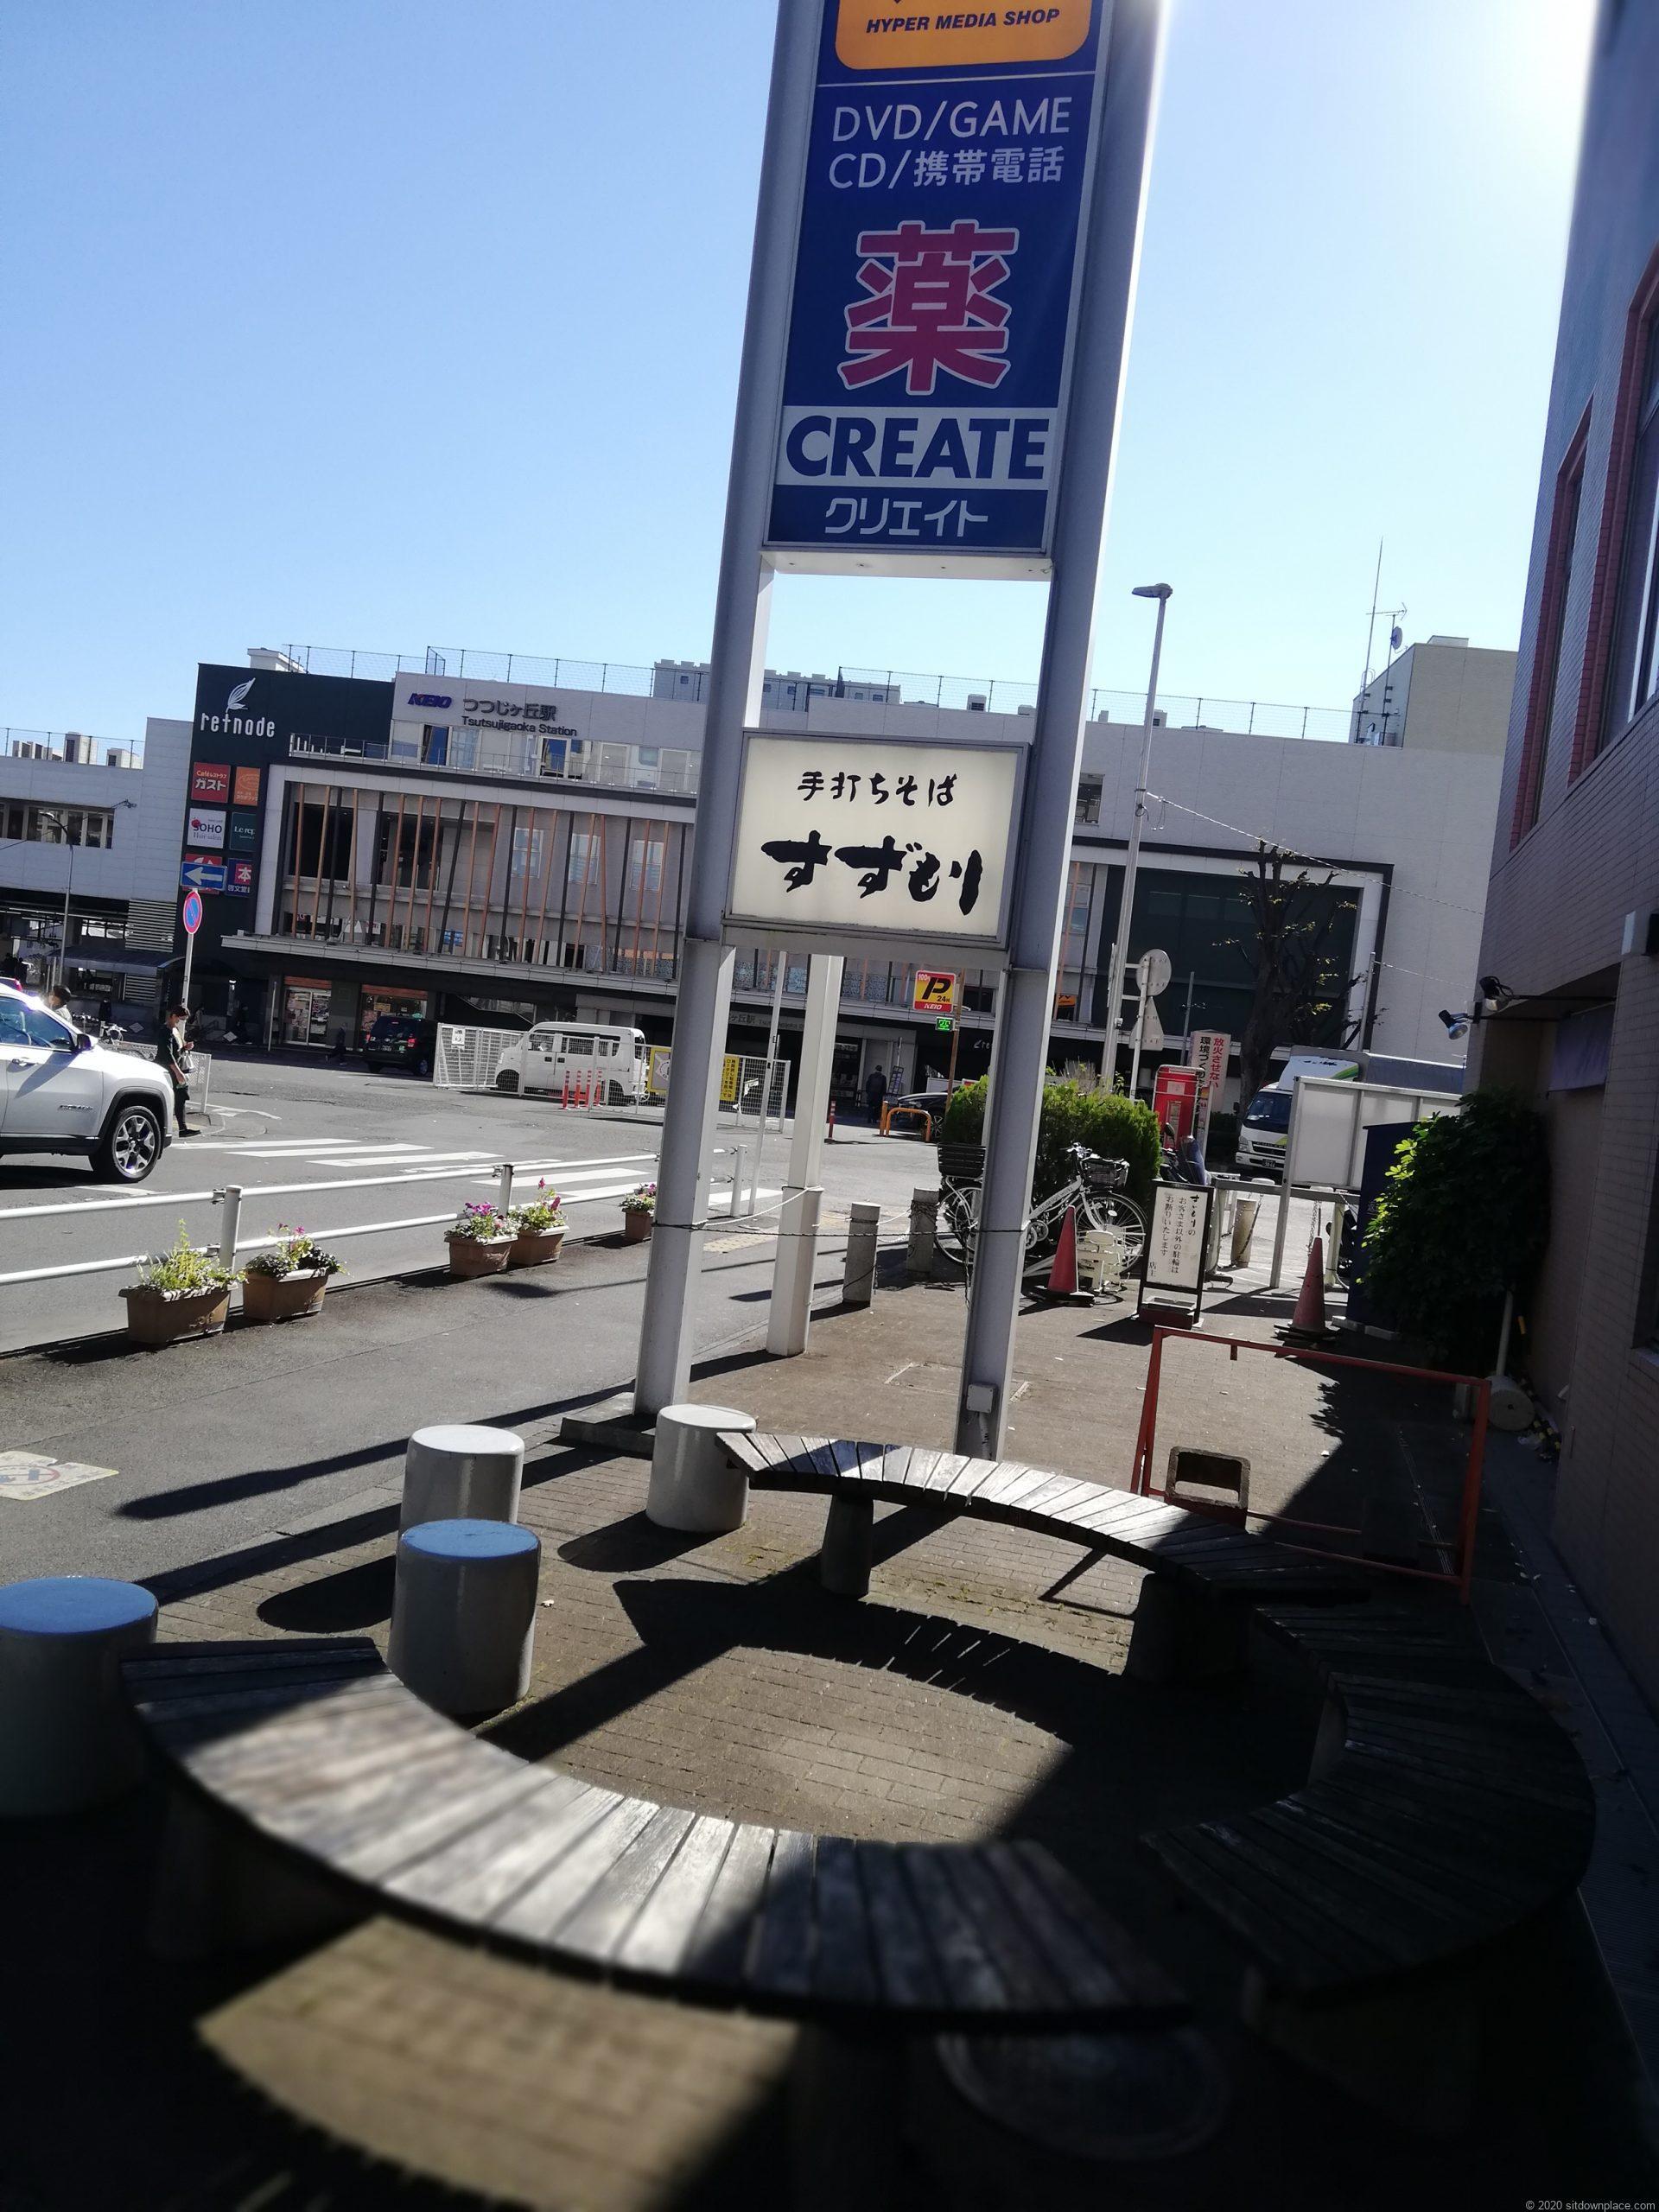 つつじヶ丘駅北口シティタワー横の円形ベンチ